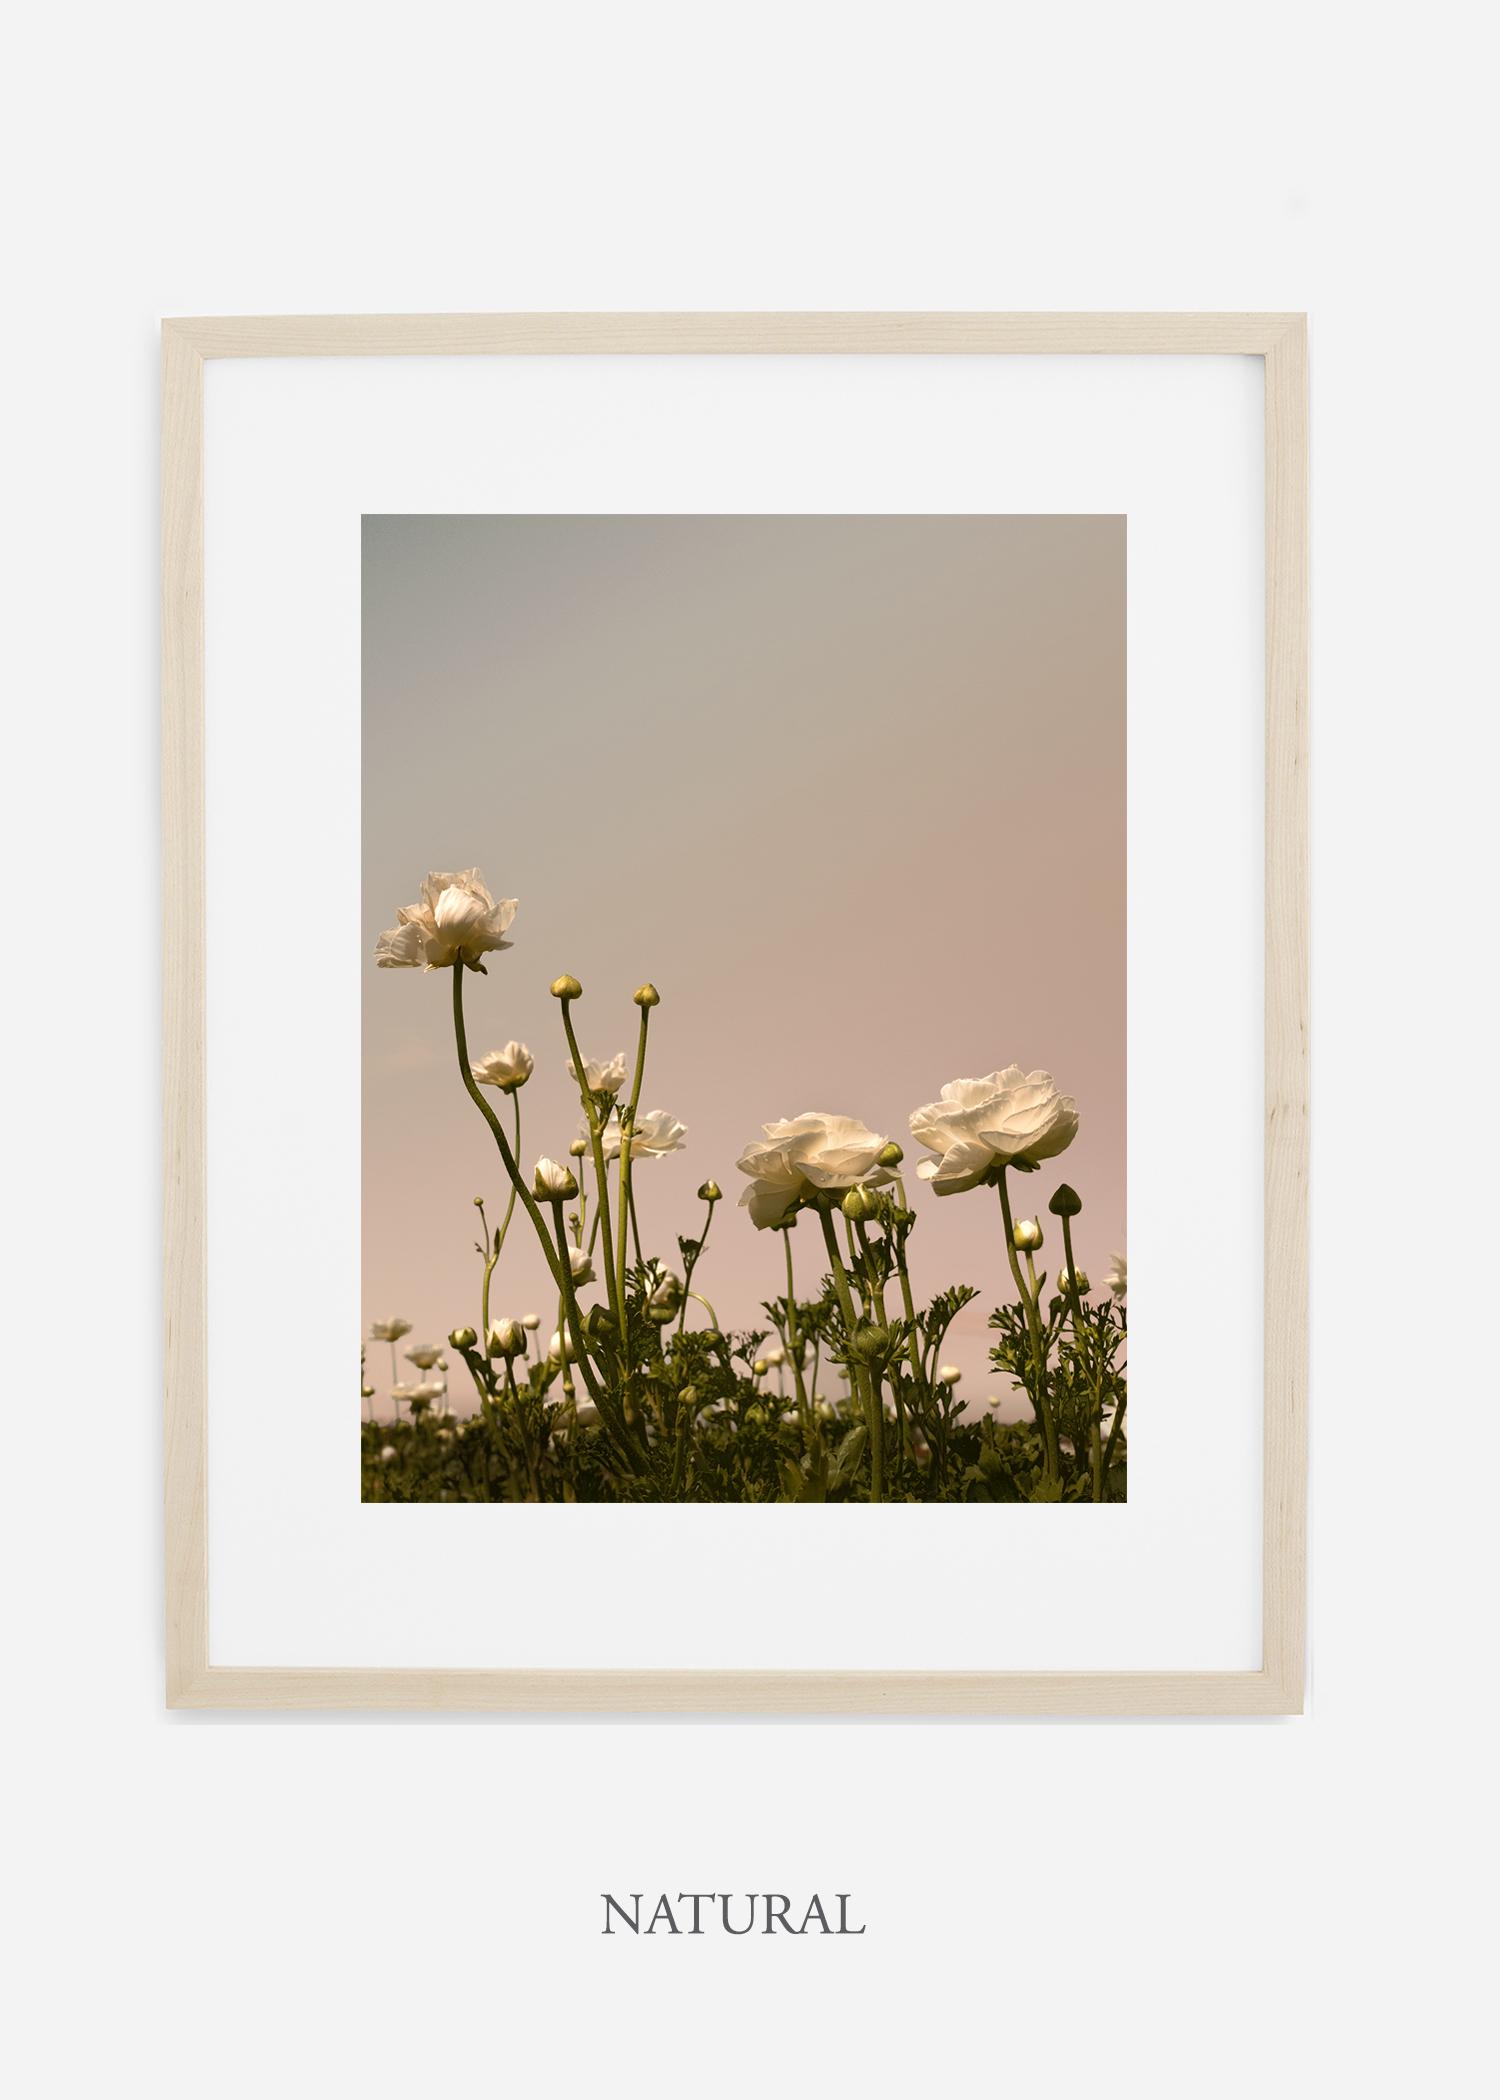 FloraNo.7-light-nautral-frame_mat-interiordesign-botanicalprint-art.jpg